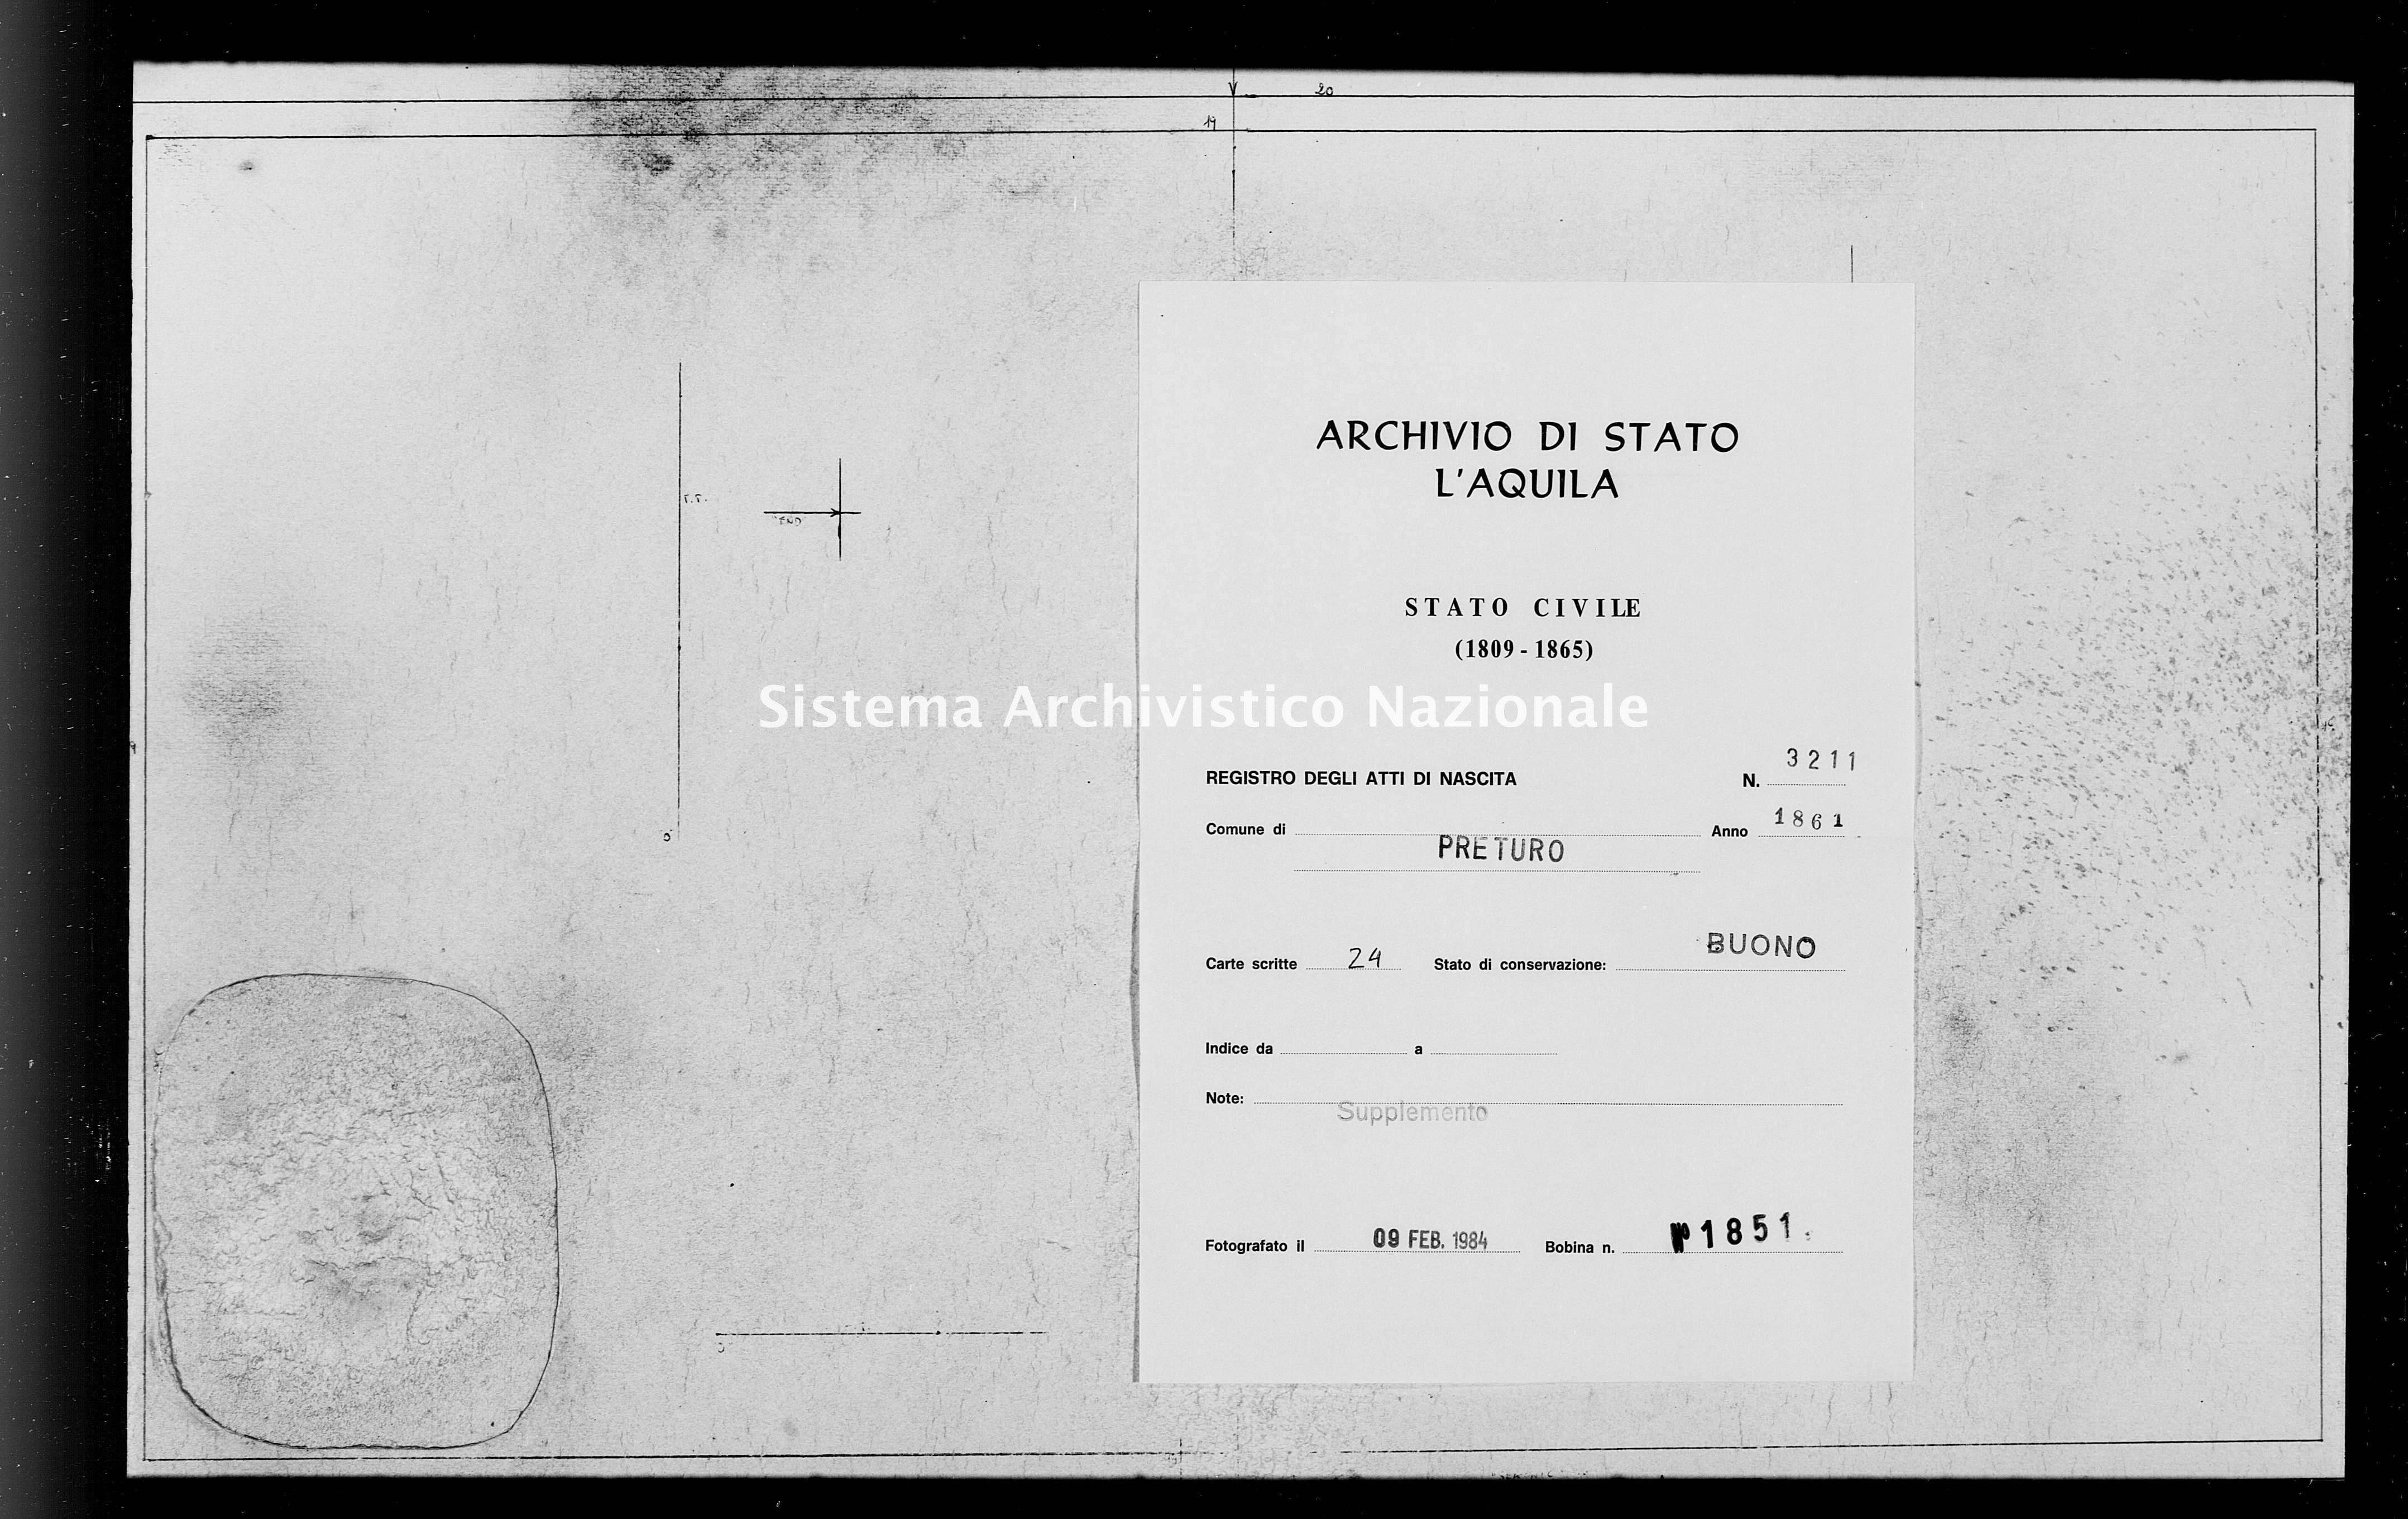 Archivio di stato di L'aquila - Stato civile italiano - Preturo - Nati, battesimi - 1861 - 3211 -